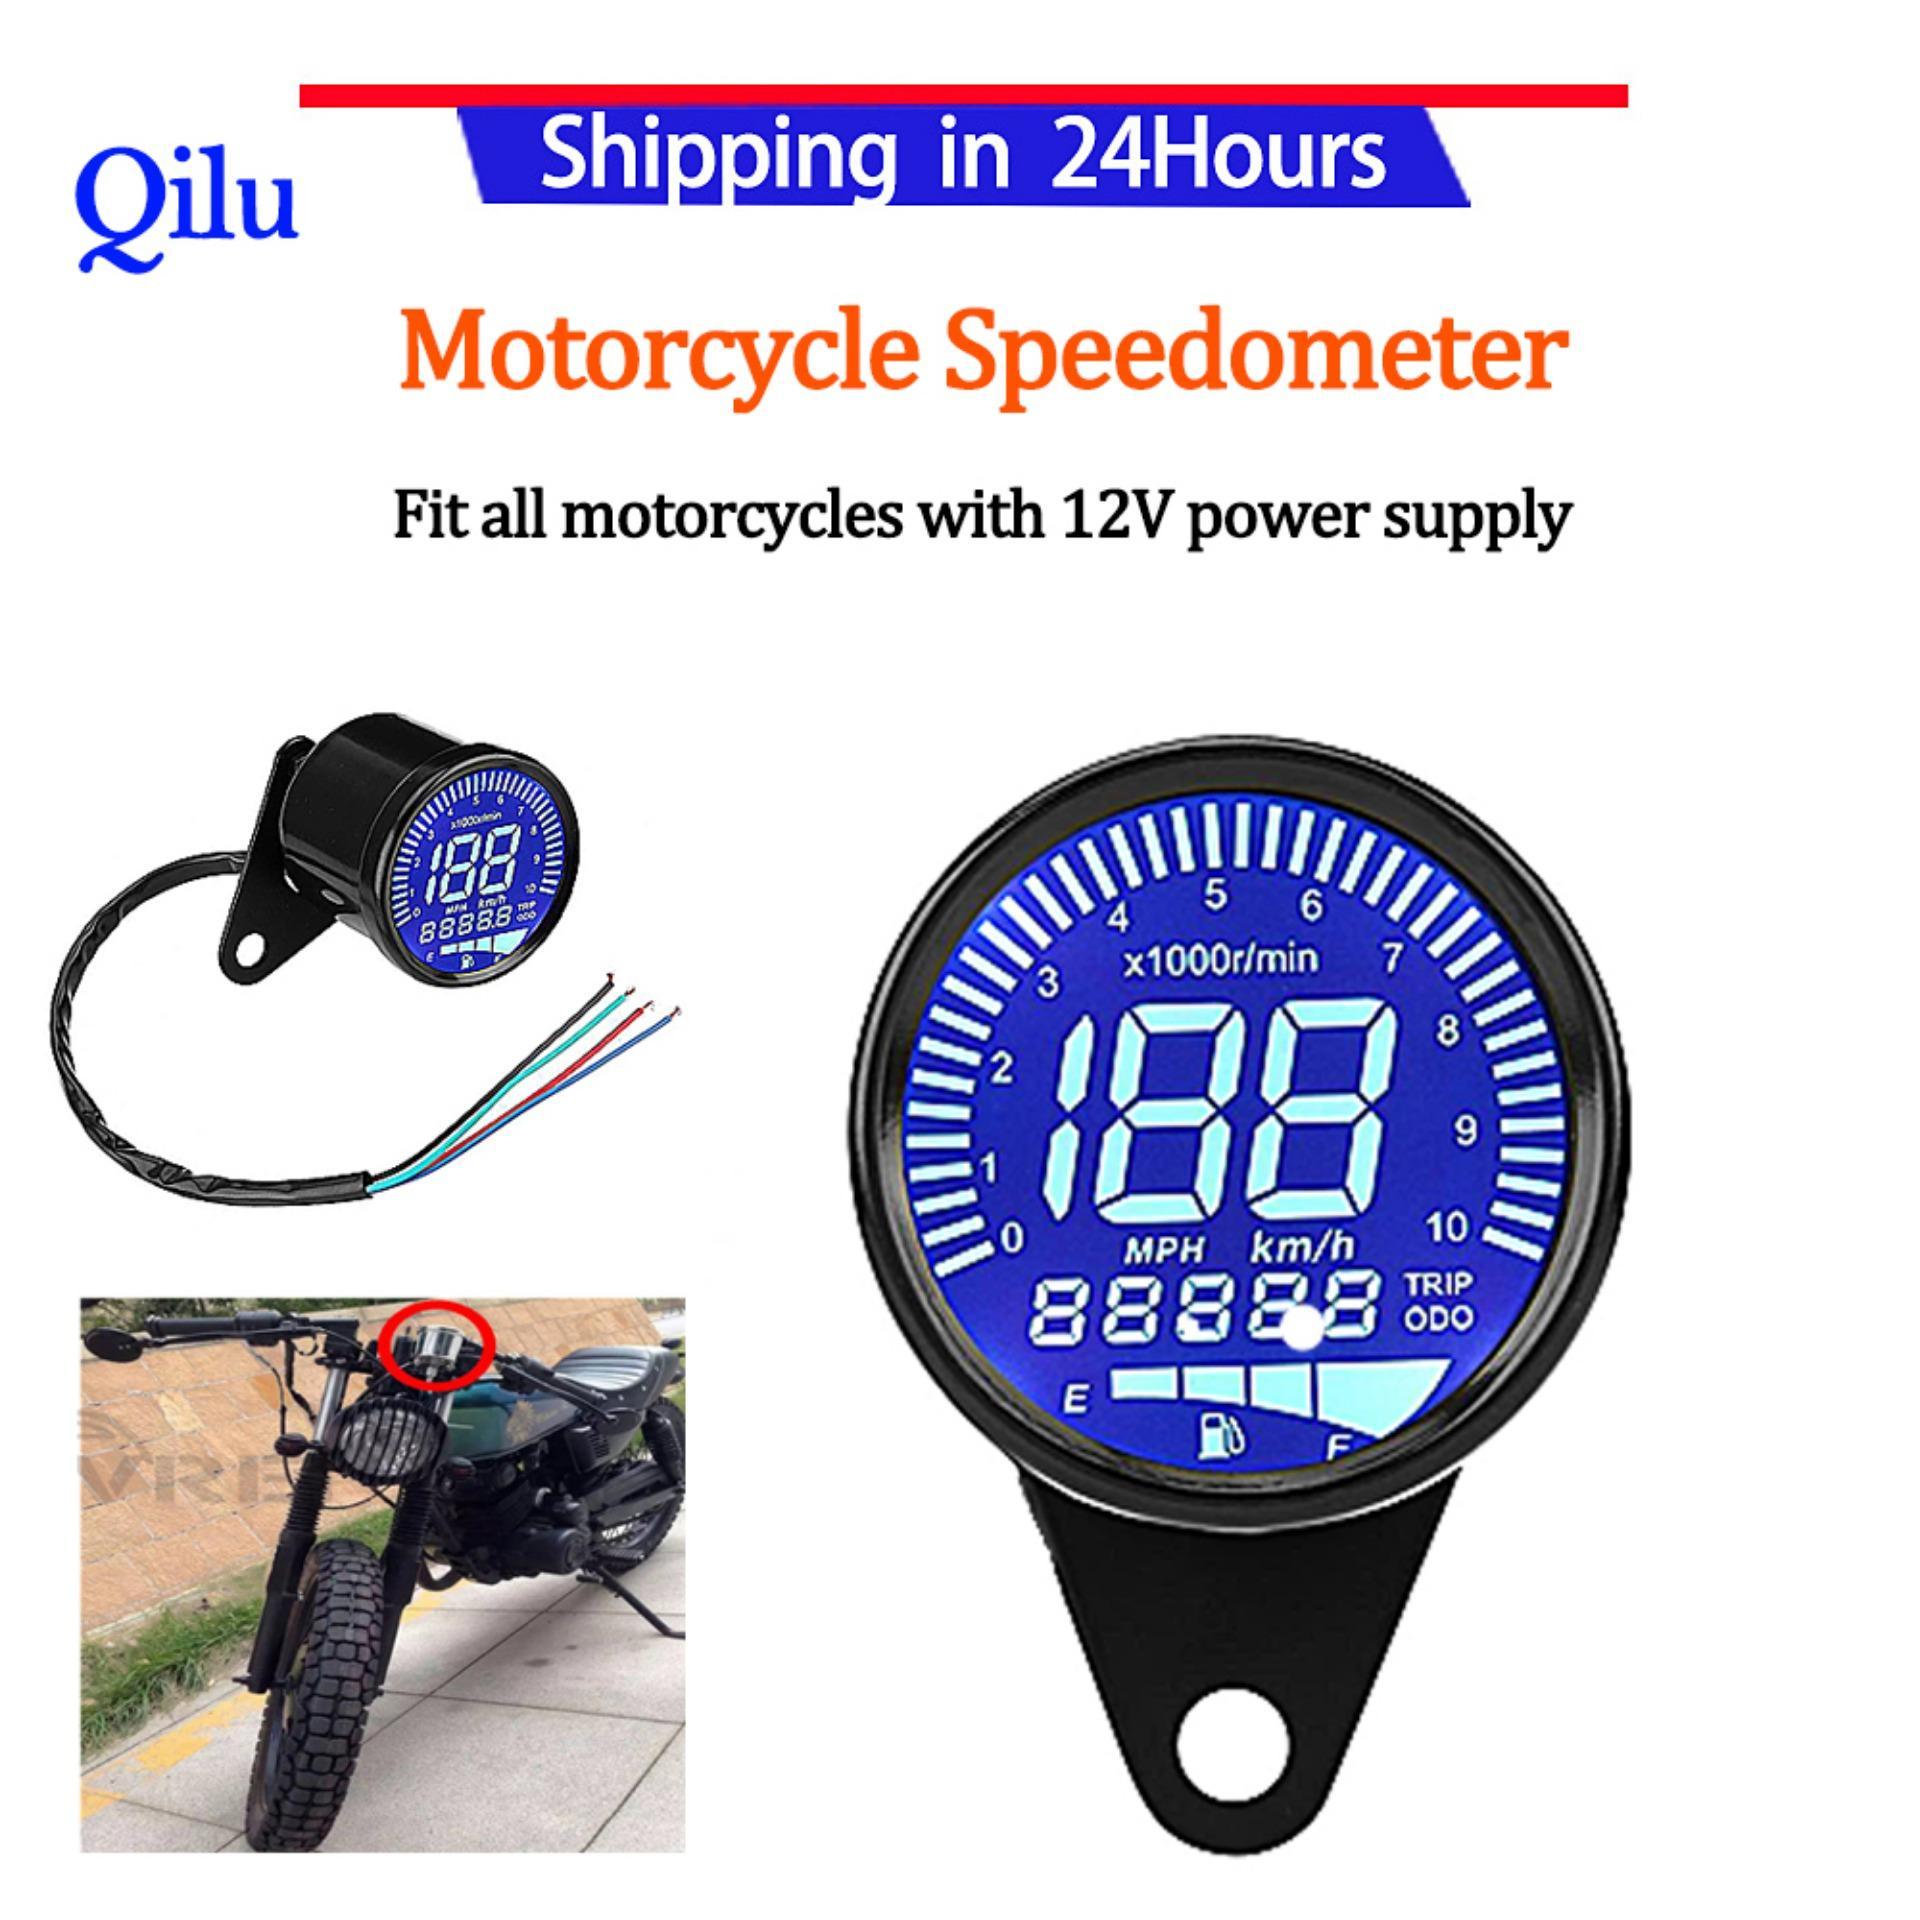 New Universal Motorcycle Led Digital Speedometer Tachometer Speed Gauge Oil Level Meter Black - Intl By Qilu.